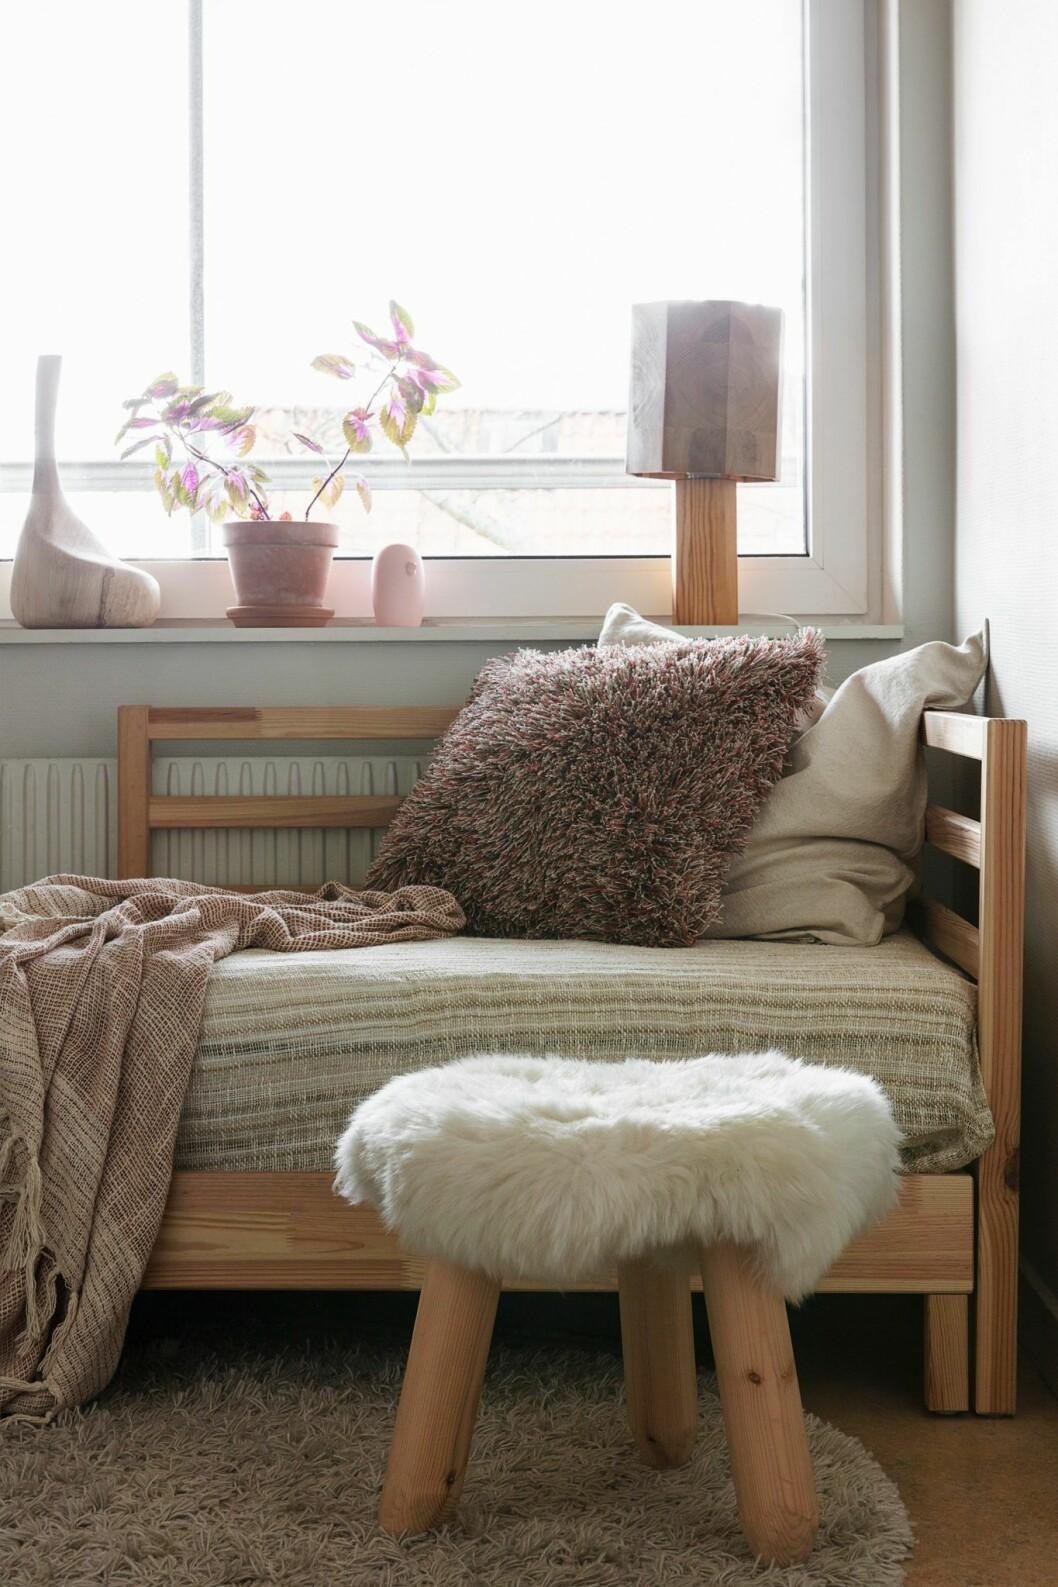 Fåtölj och textil hemma hos träkonstnären i Stockholm